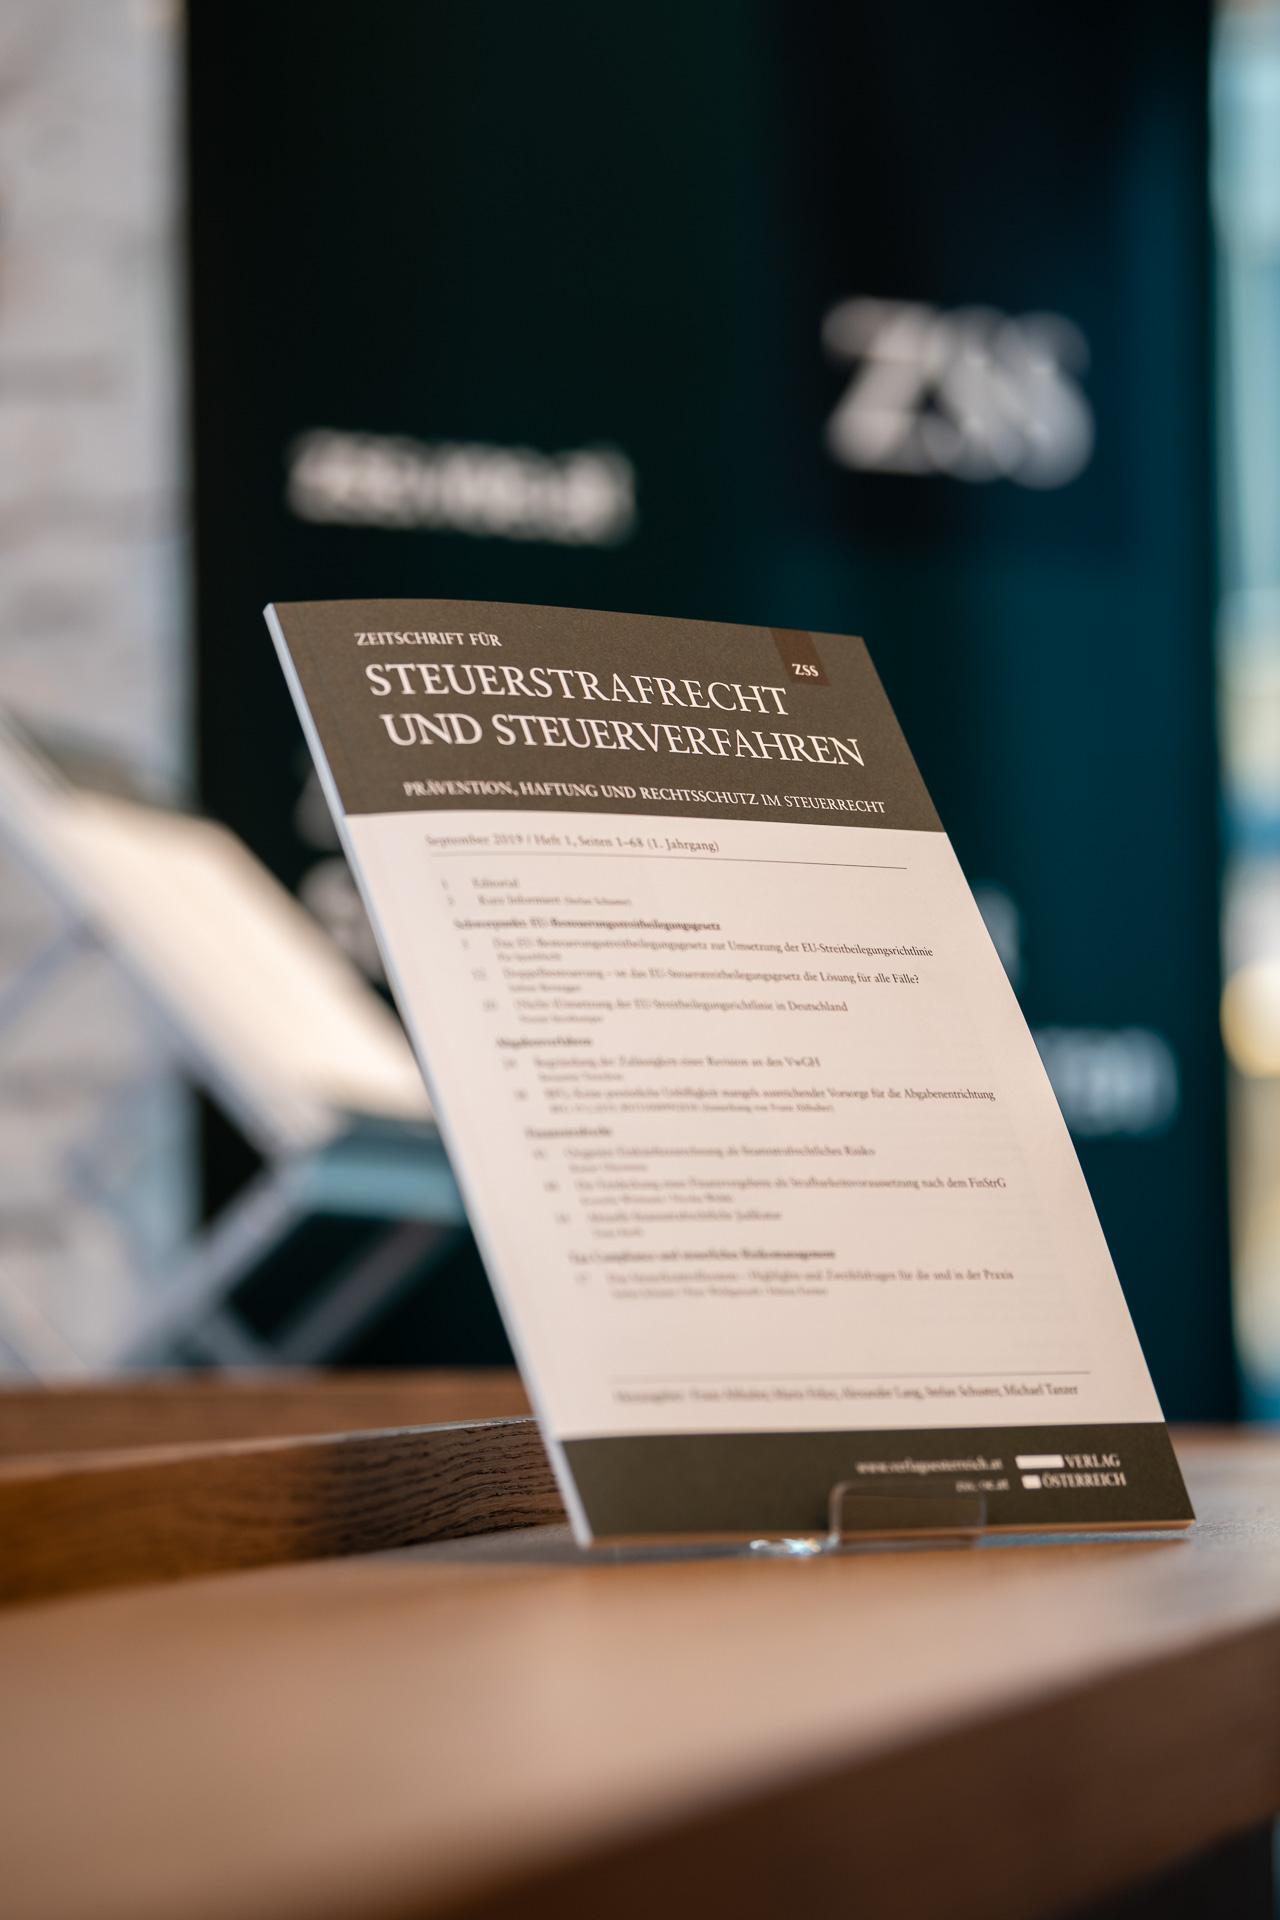 Zeitschrift für Steuerstrafrecht und Steuerverfahren (ZSS), Verlag Österreich